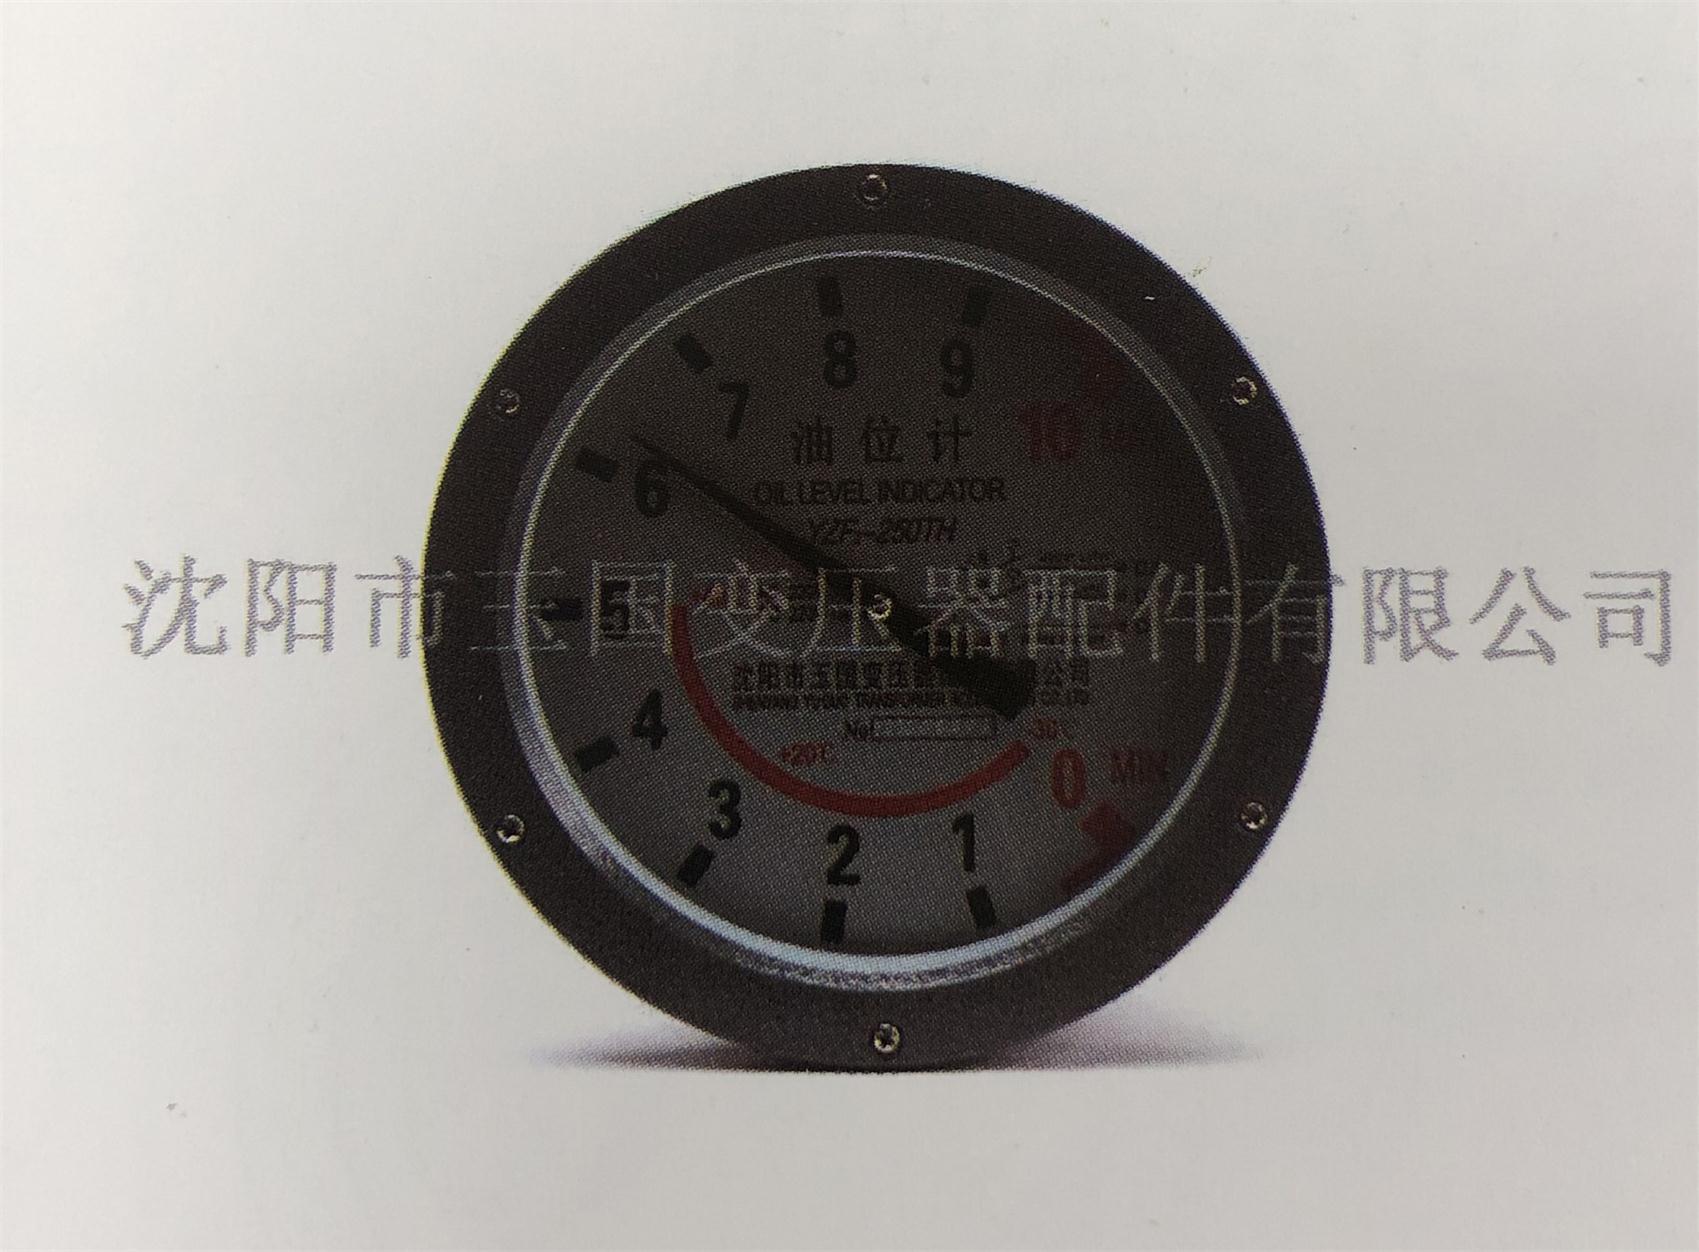 盘锦油位表厂家-沈阳市国变压器配件公司专业供应油位表